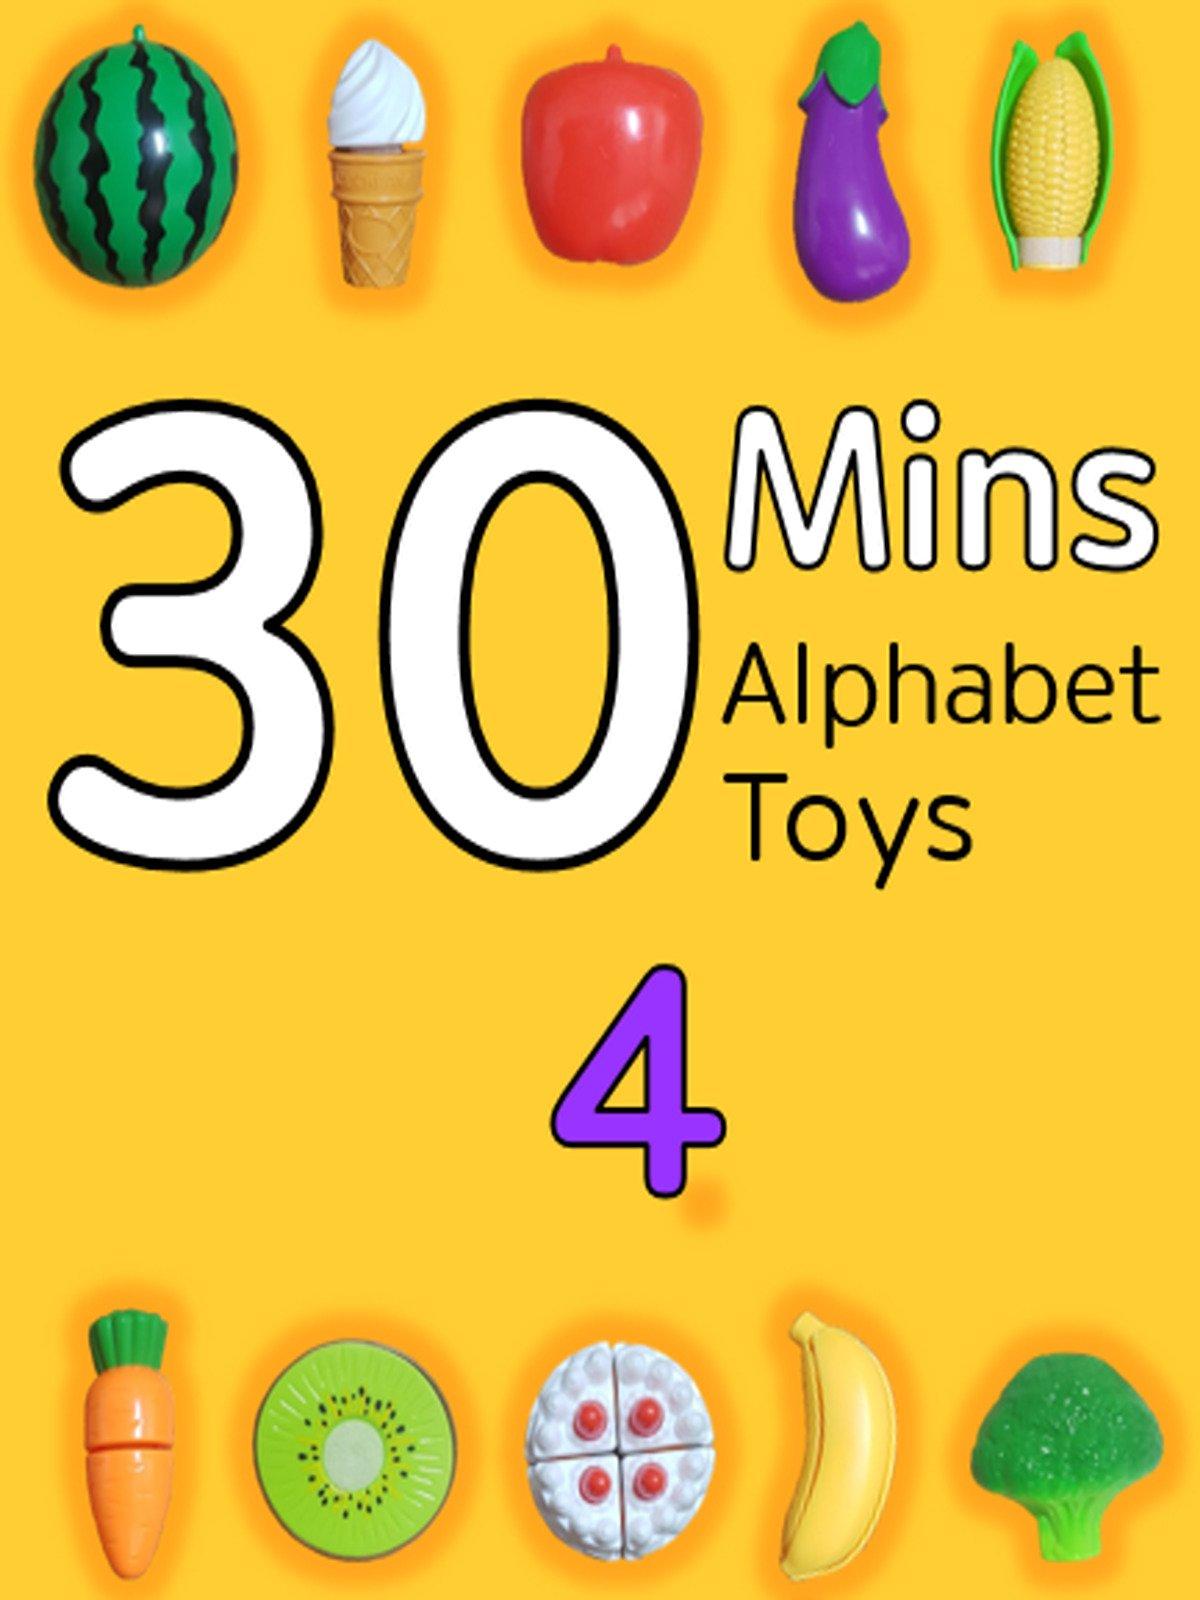 30 Minutes Alphabet Toys #4